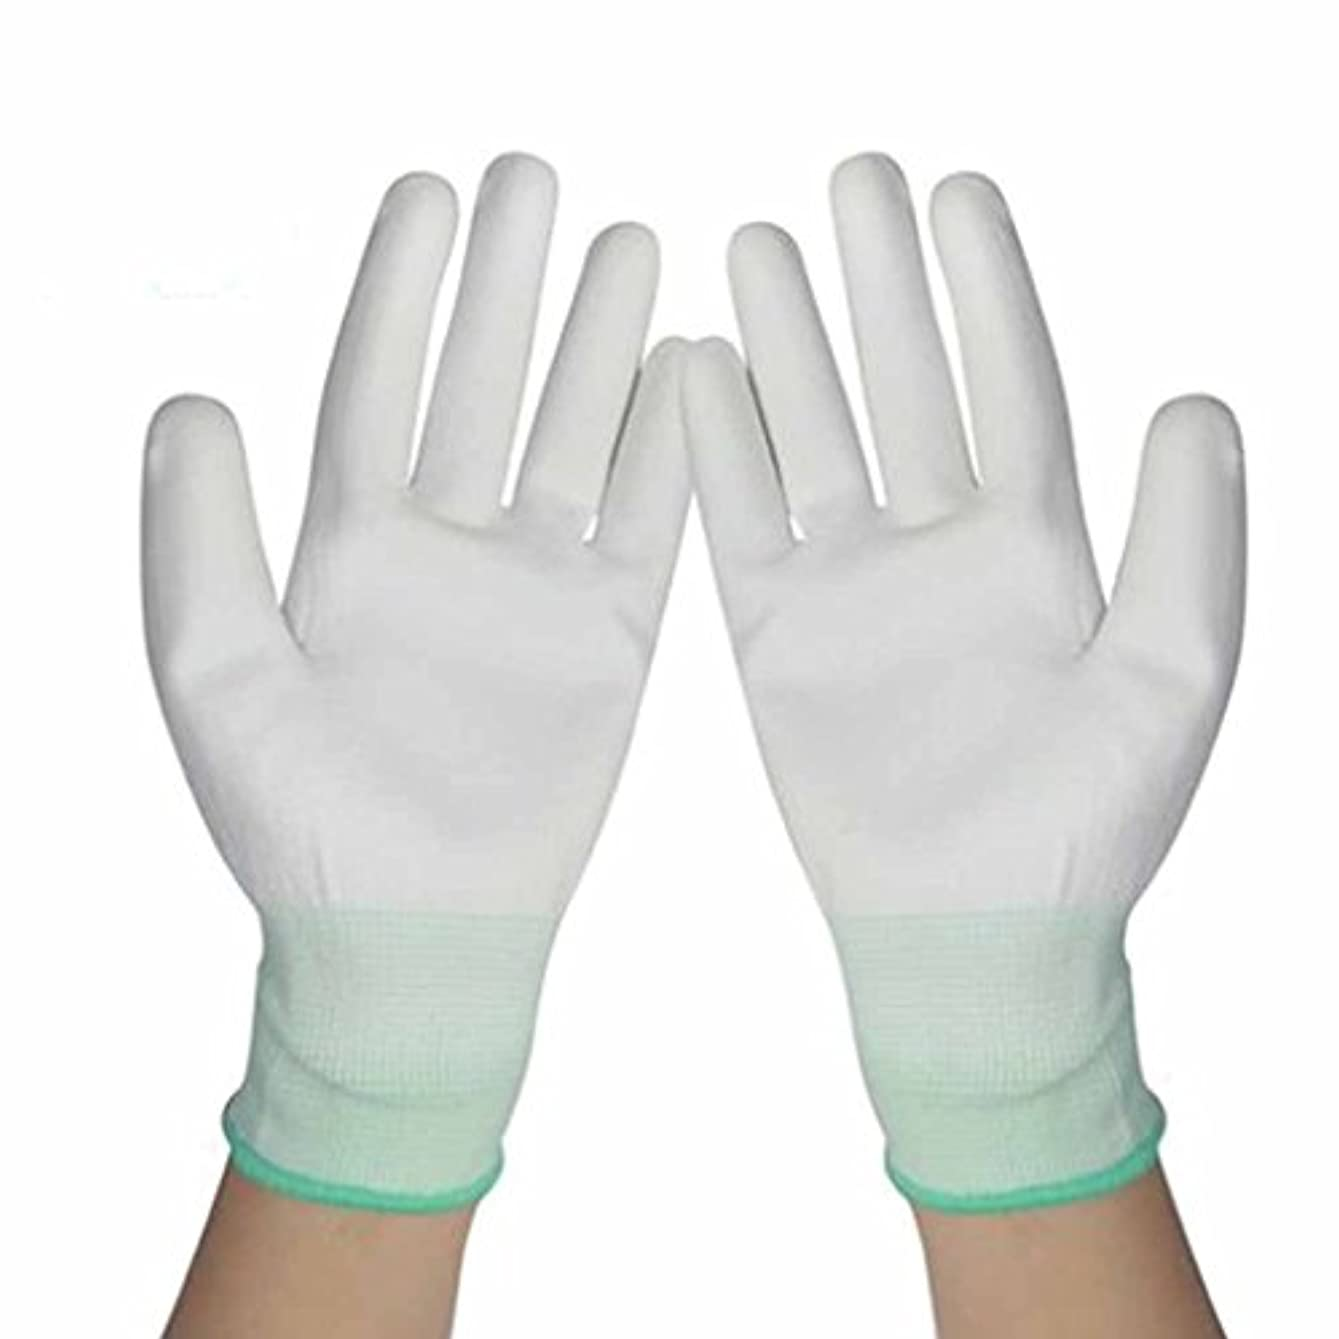 恩赦痴漢間欠使い捨て手袋 労働保険の保護ナイロン浸漬手袋防塵の帯電防止通気性耐摩耗手袋 (Size : 40 pairs)